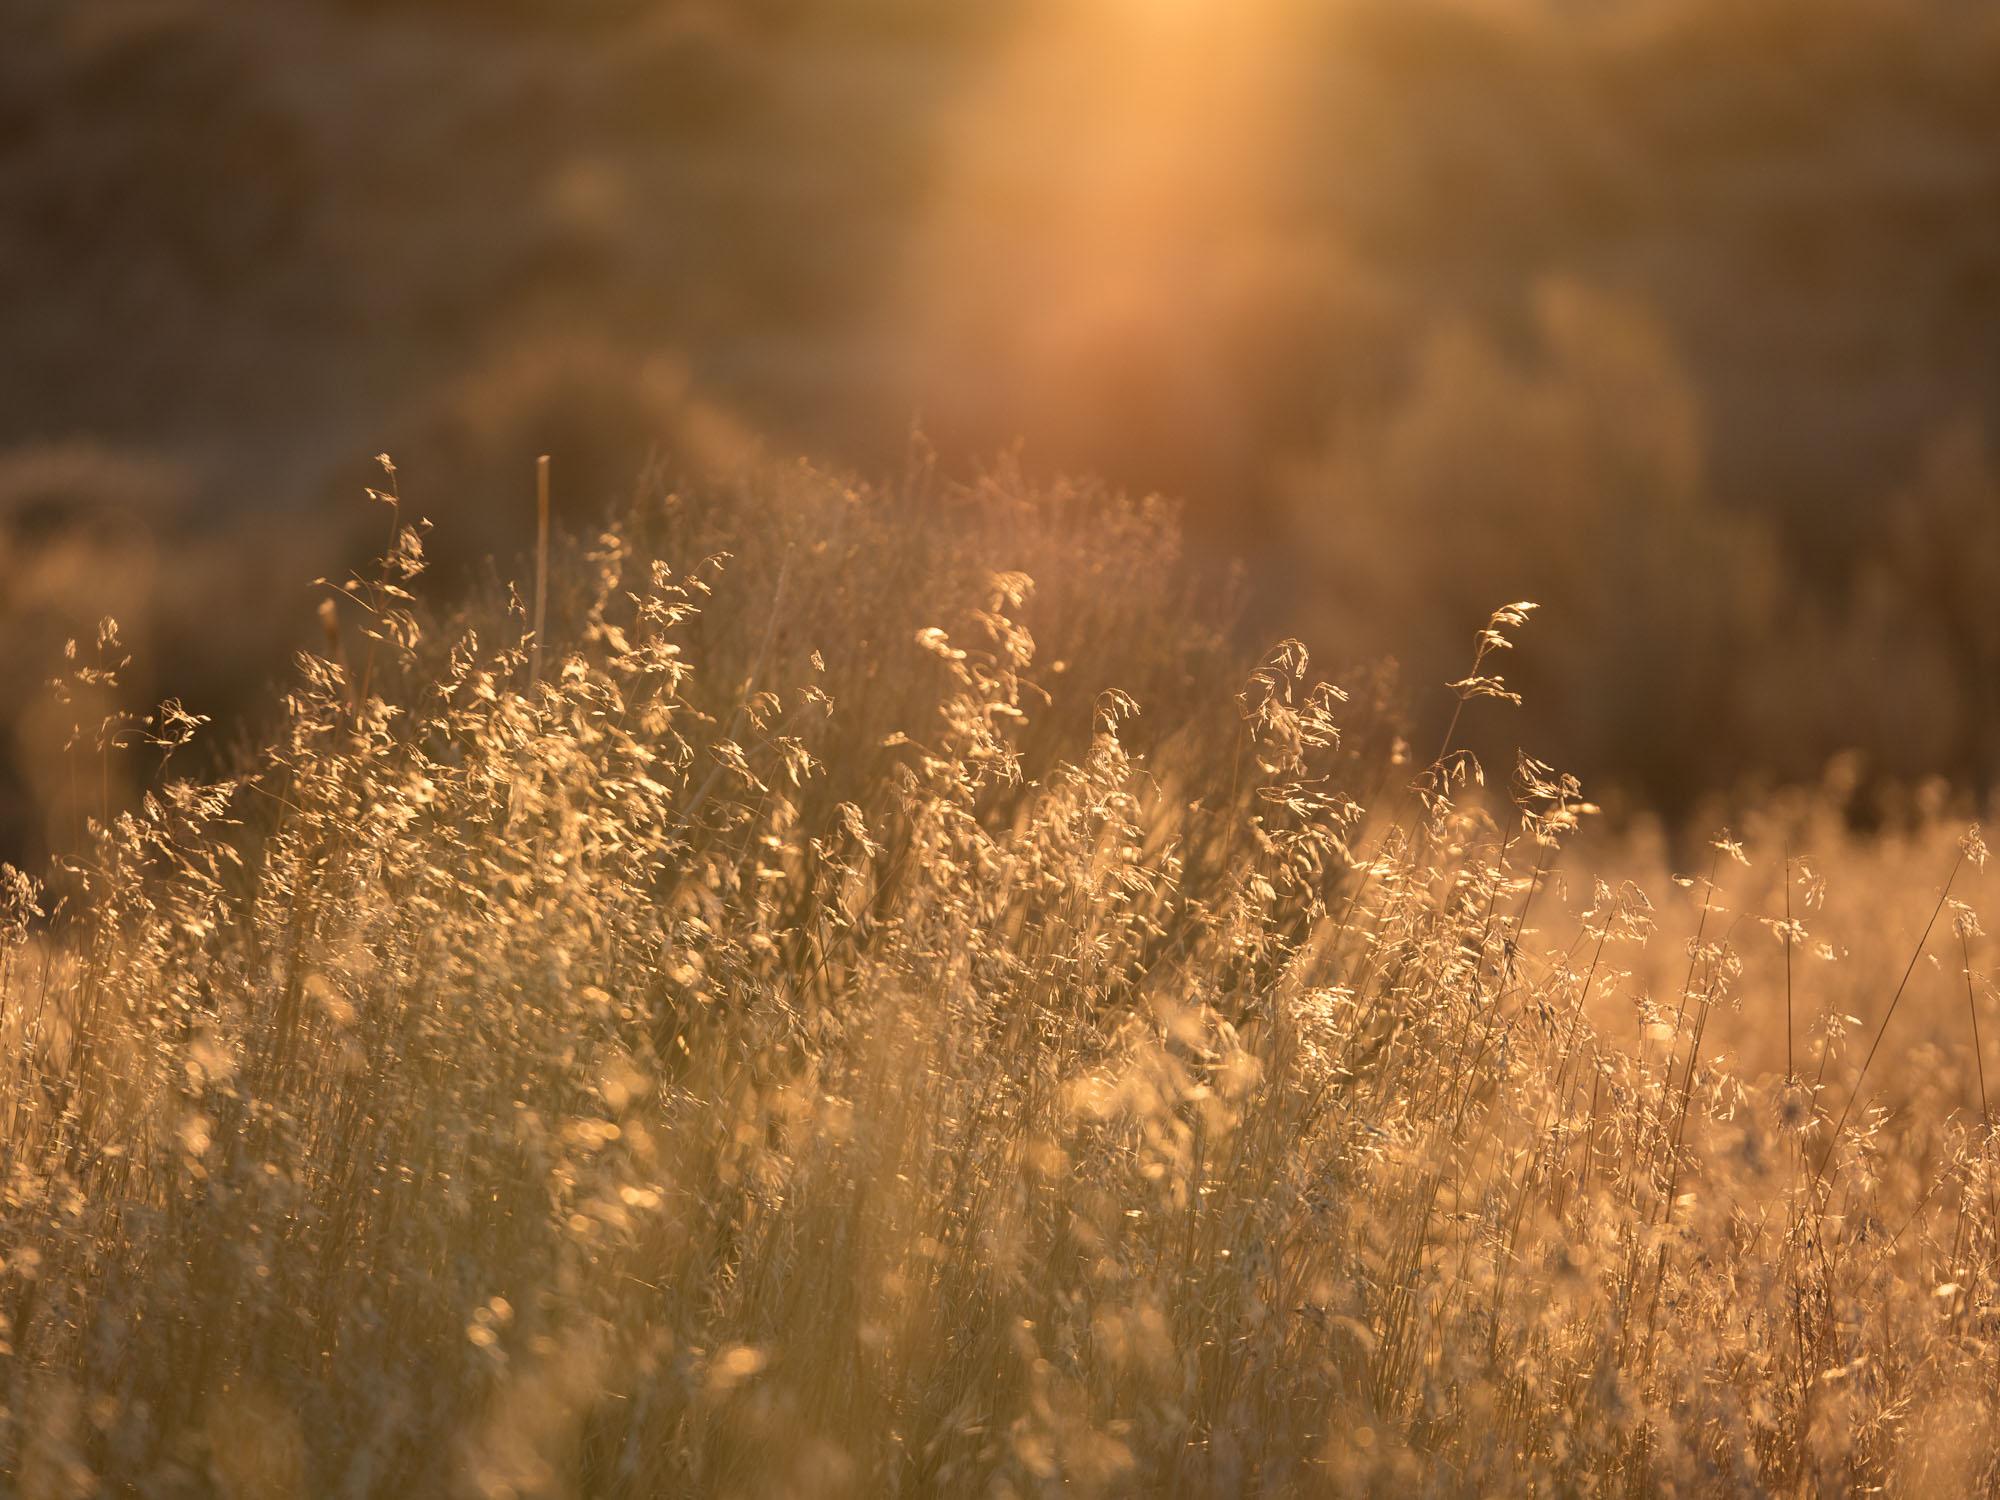 lit grass